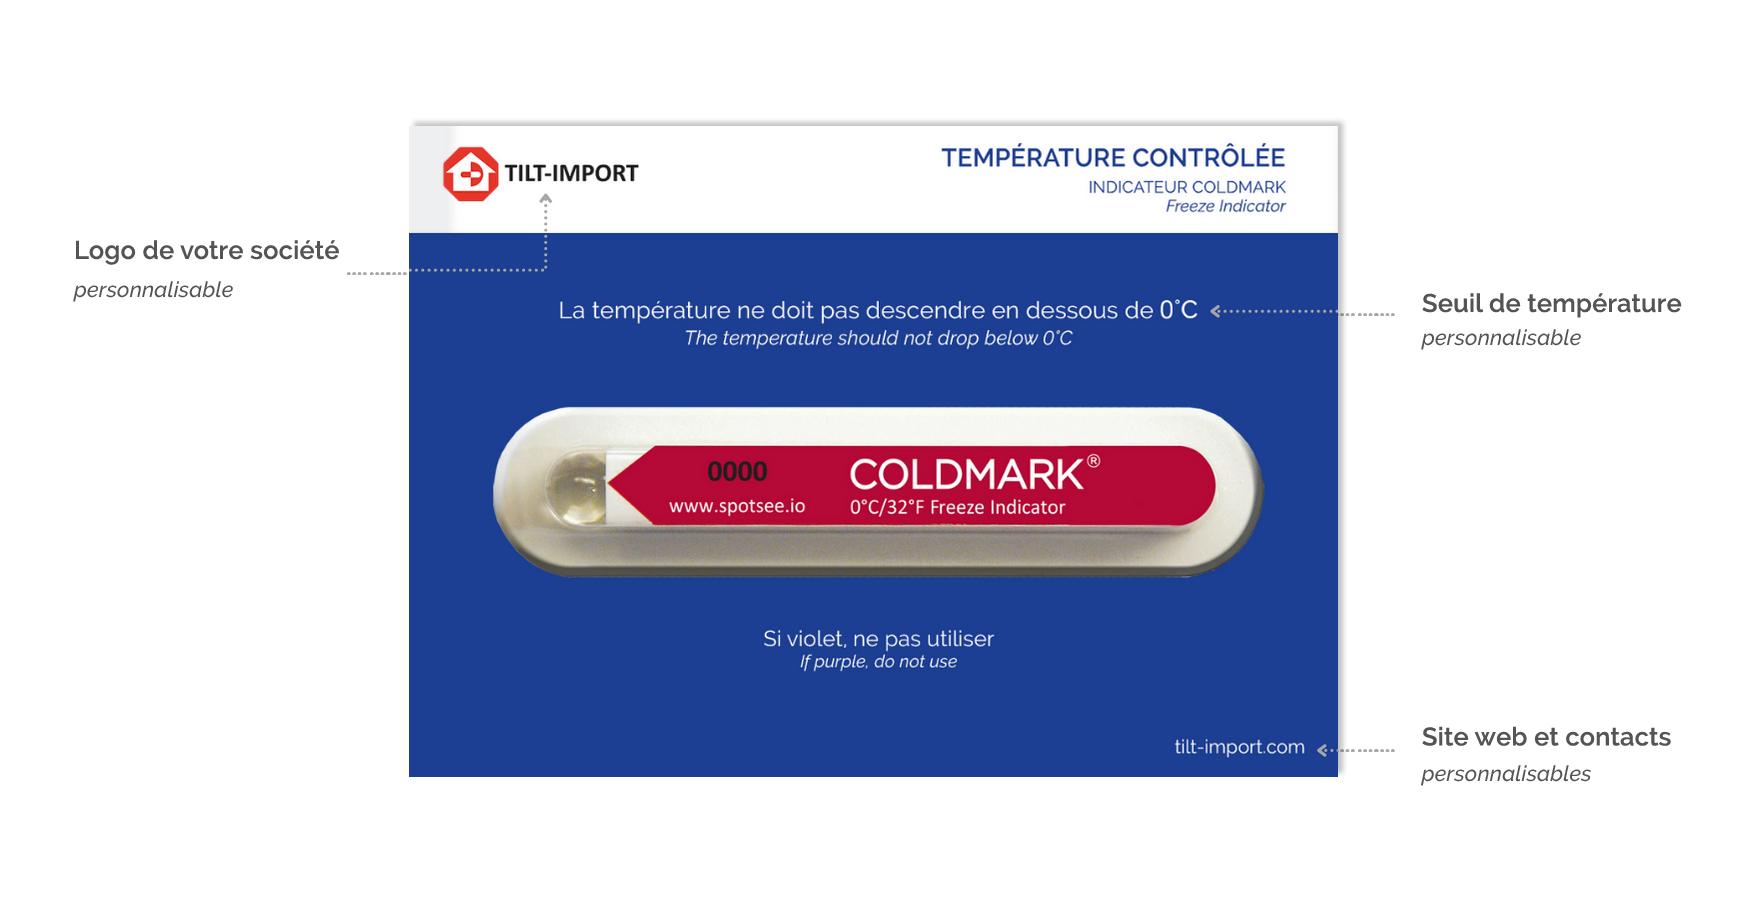 image de la carte d'accompagnement de l'indicateur de gel coldmark personnalisée